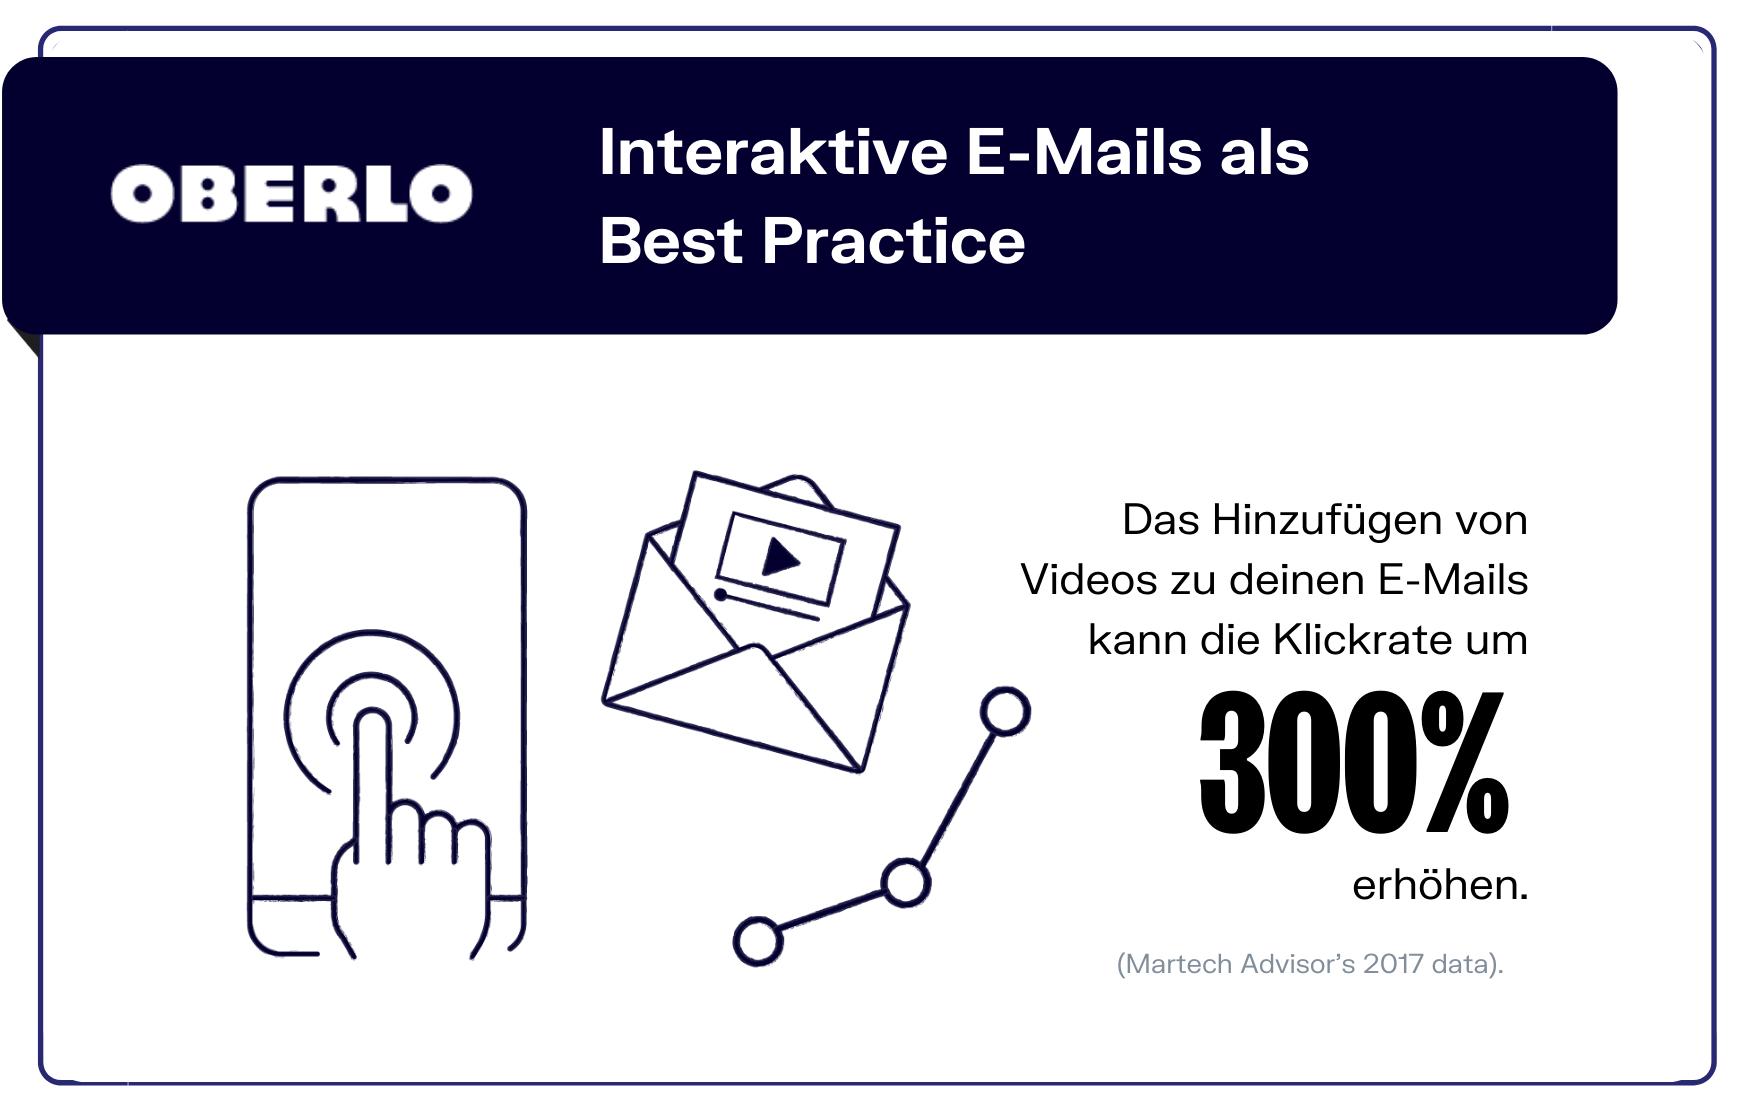 E-Mail-Marketing Statistik und interaktive Inhalte